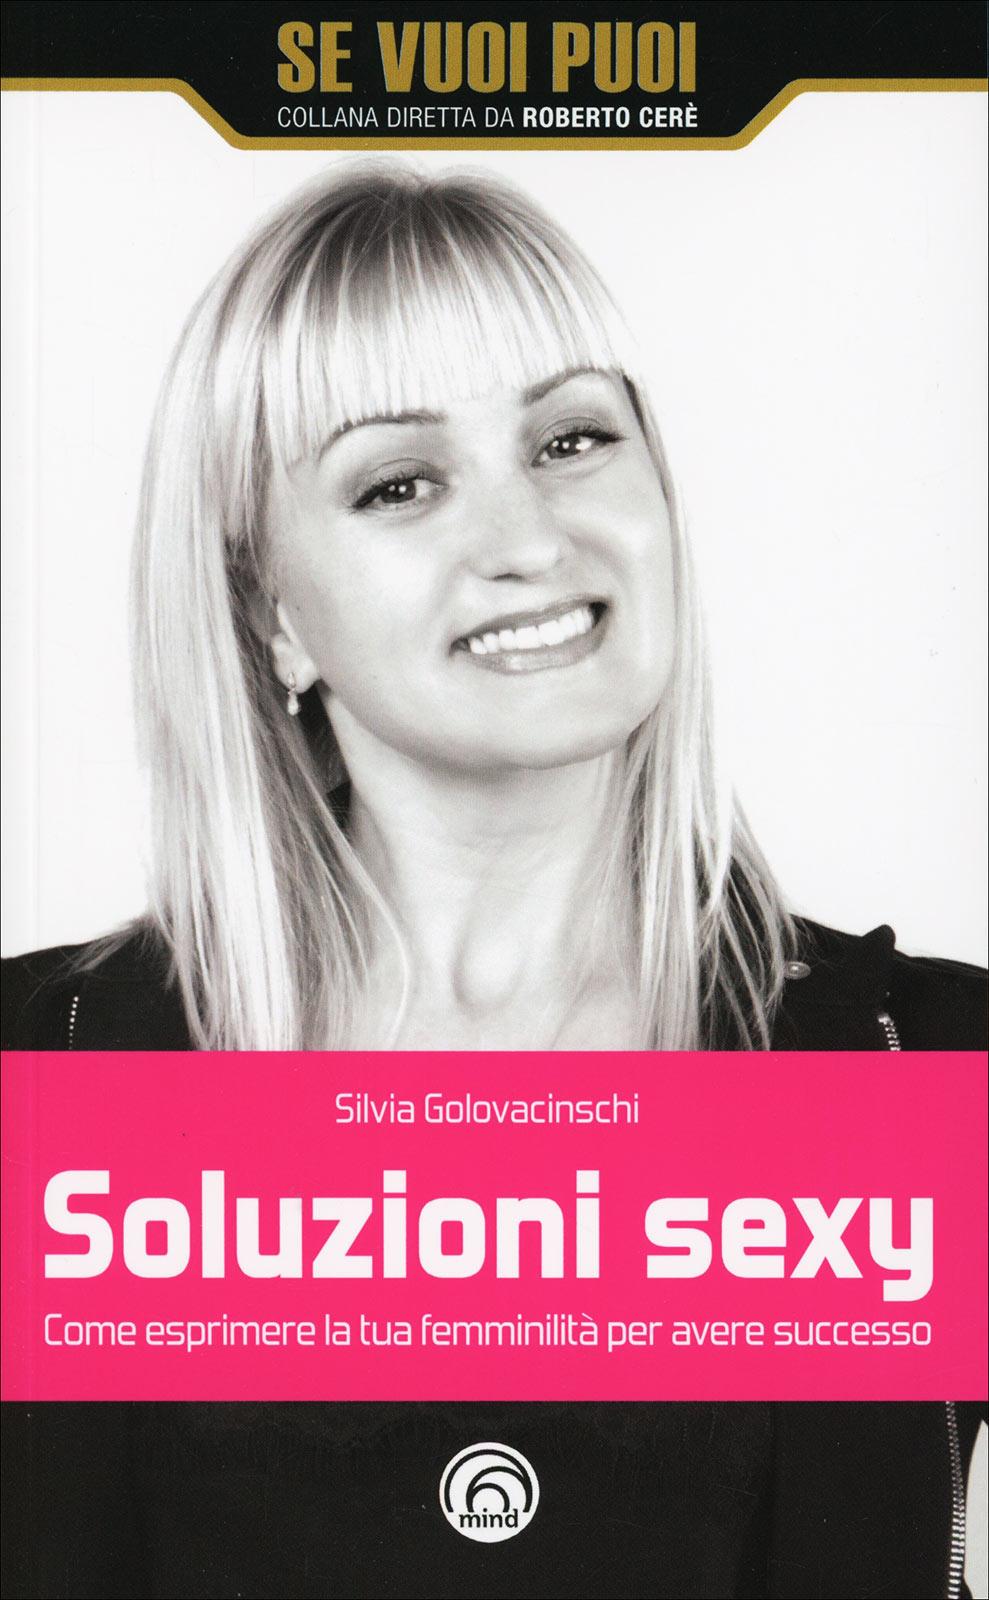 Silvia Golovacinschi - Foto autore